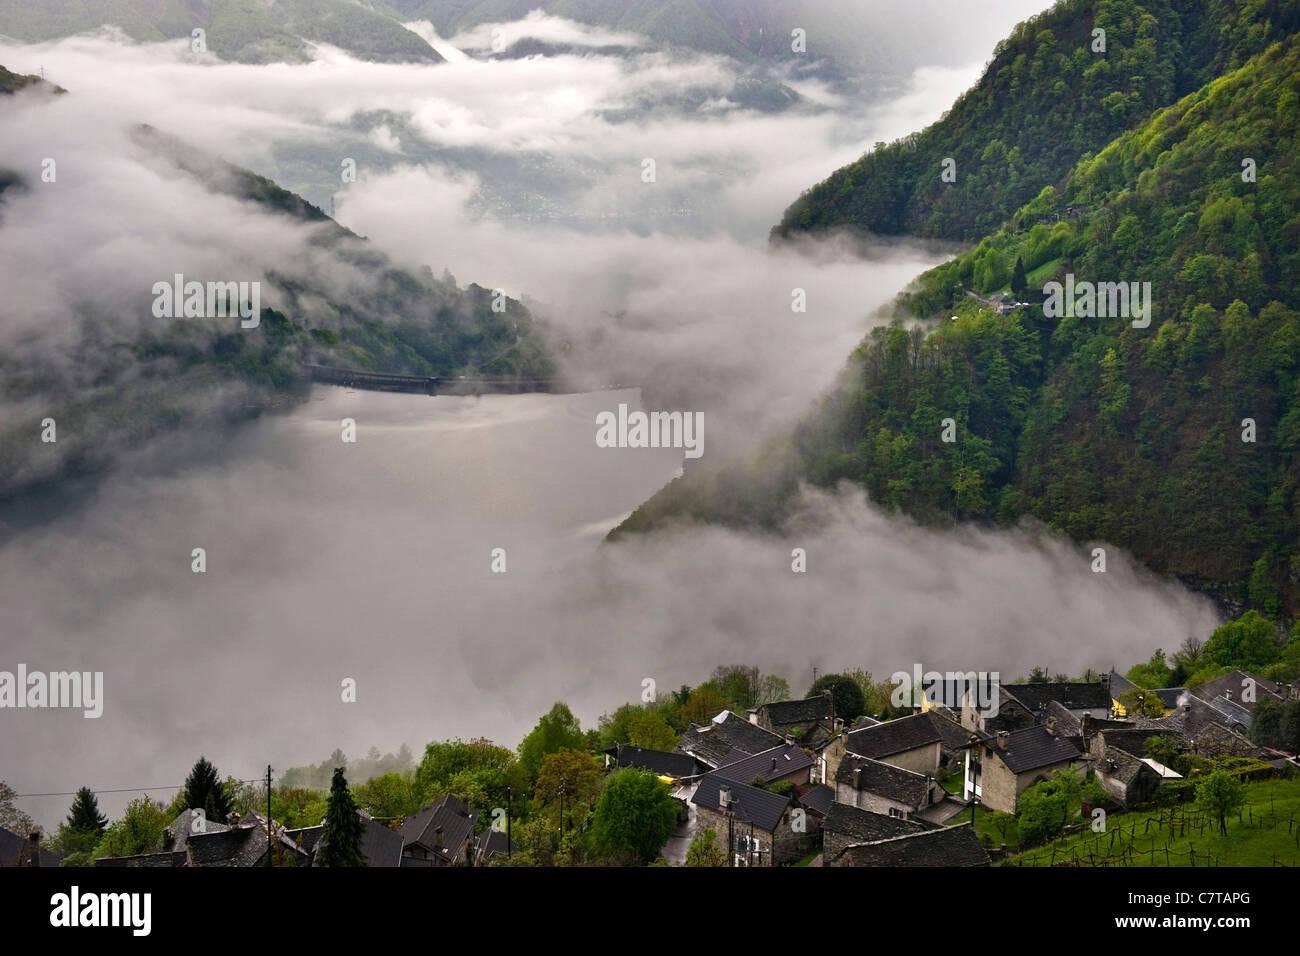 Switzerland, Swiss Alps, Ticino Canton, Mergoscia valley - Stock Image